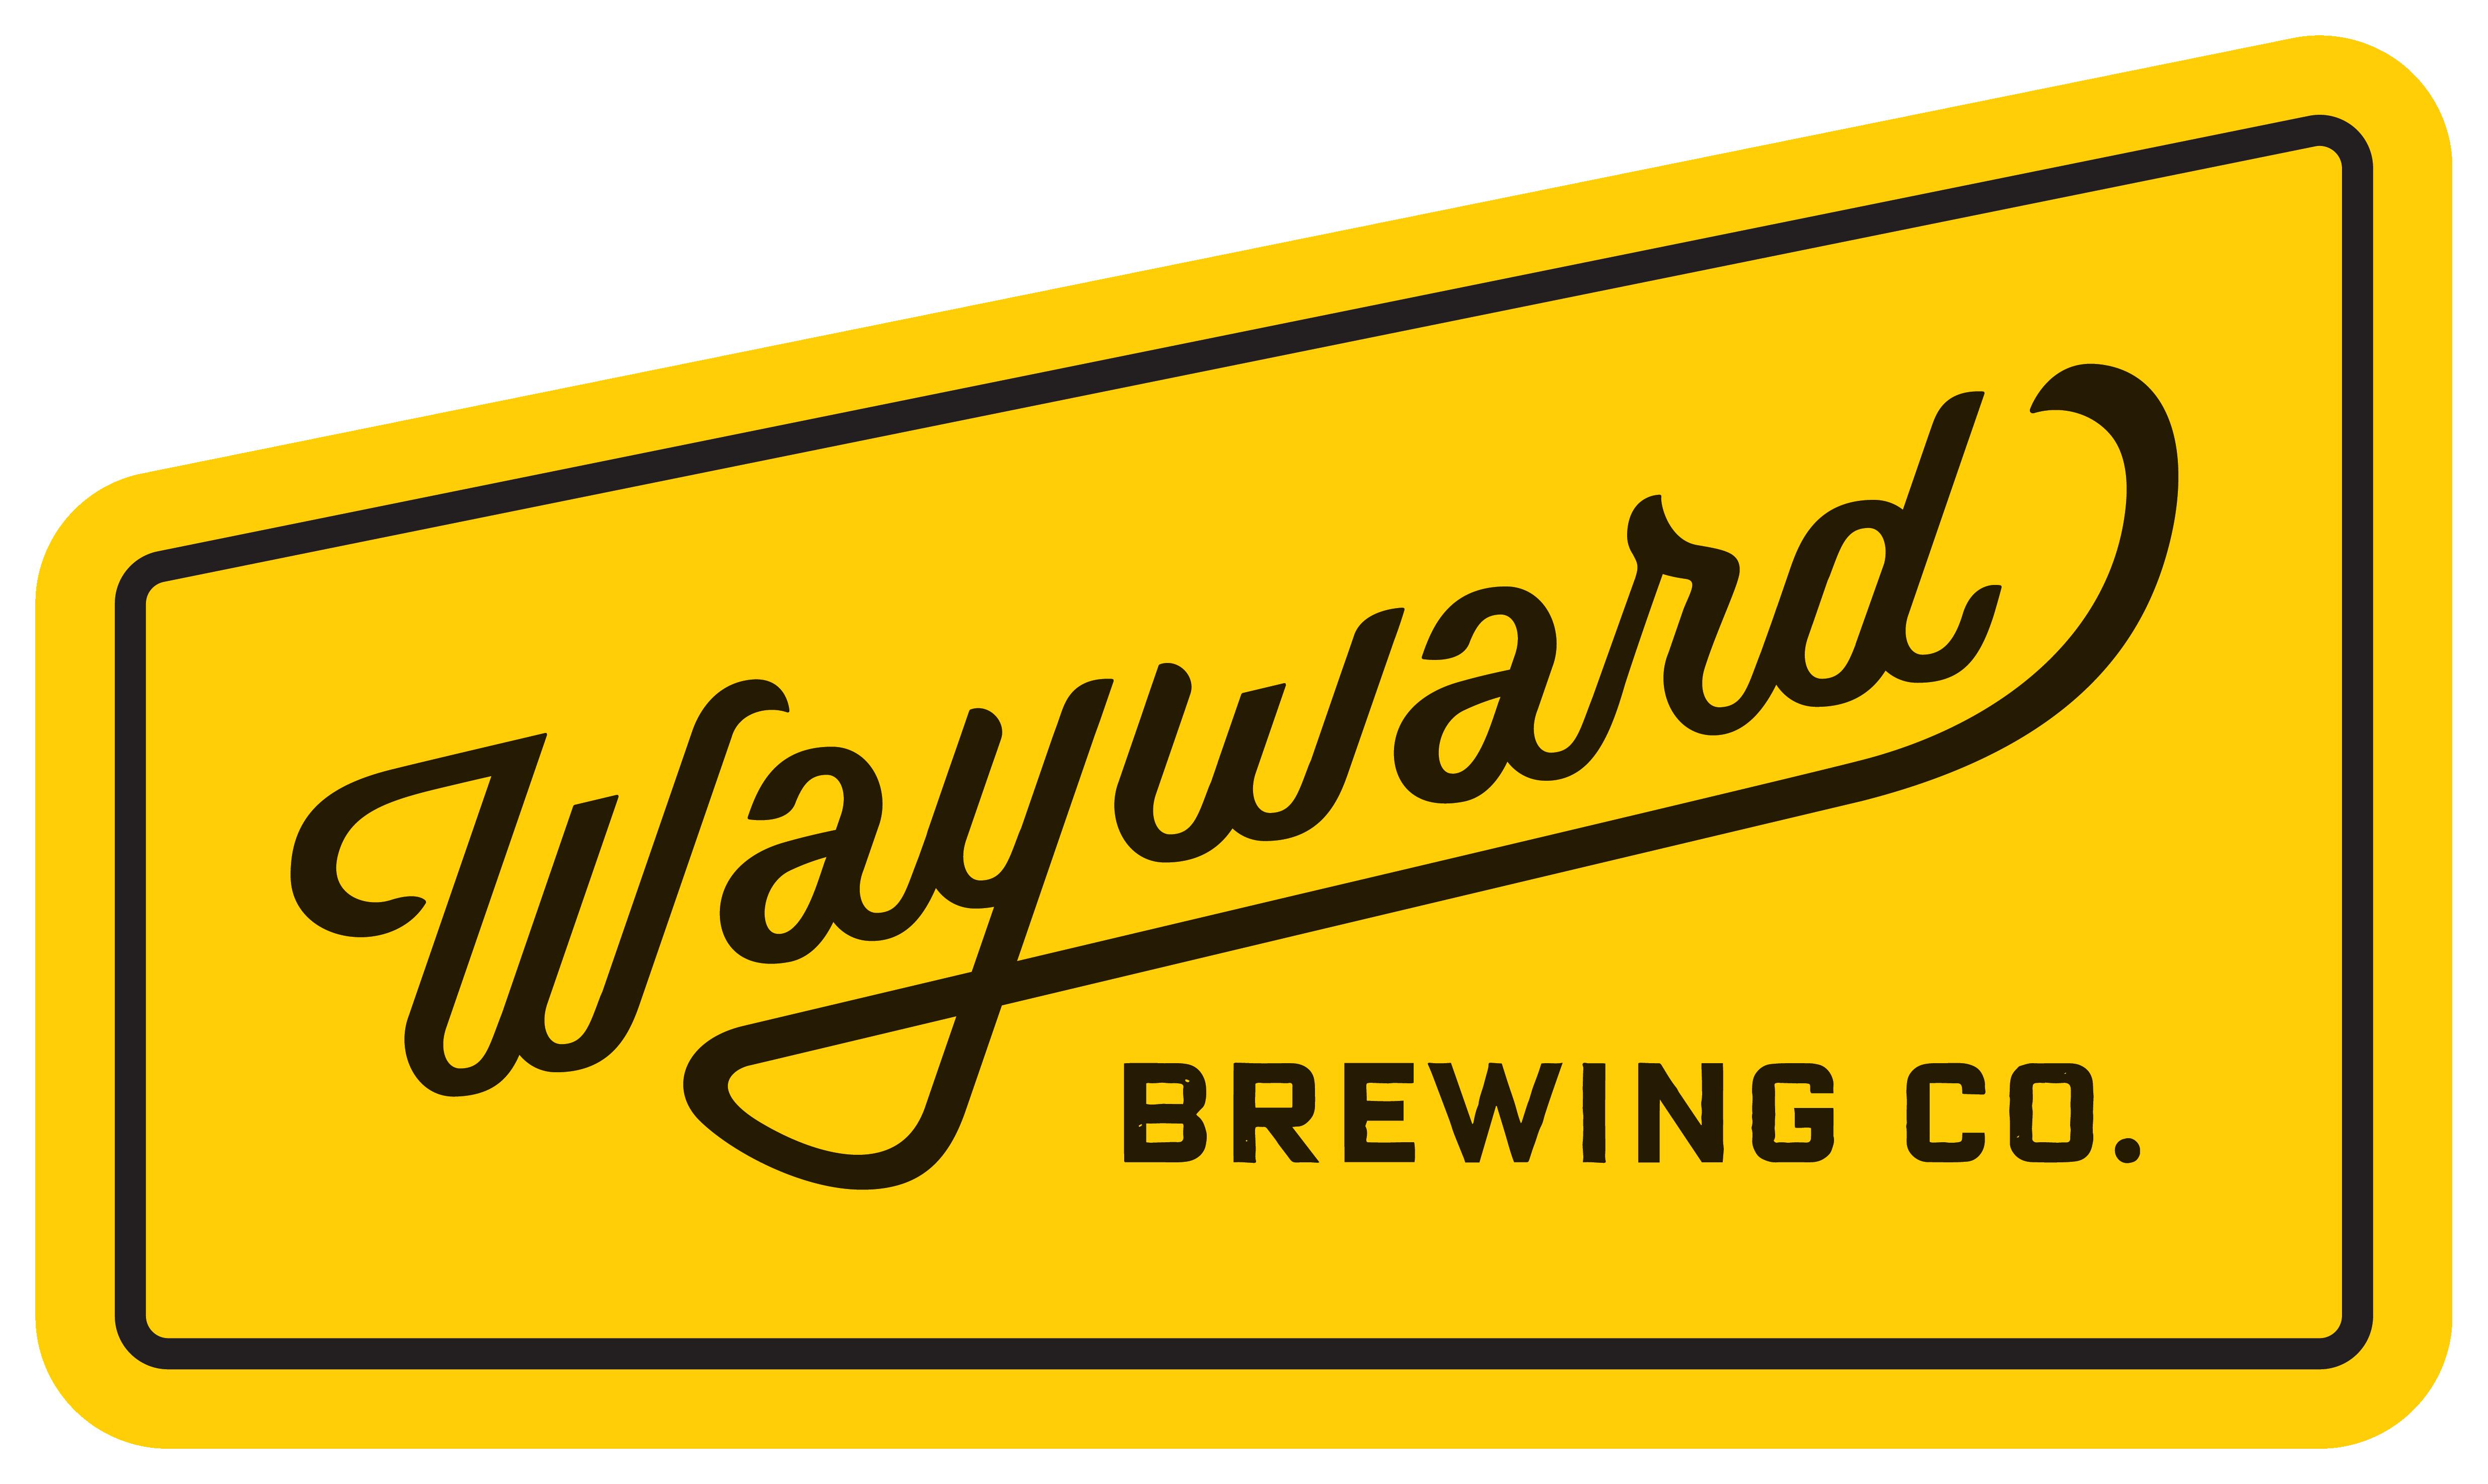 Free Middy at Wayward Brewing